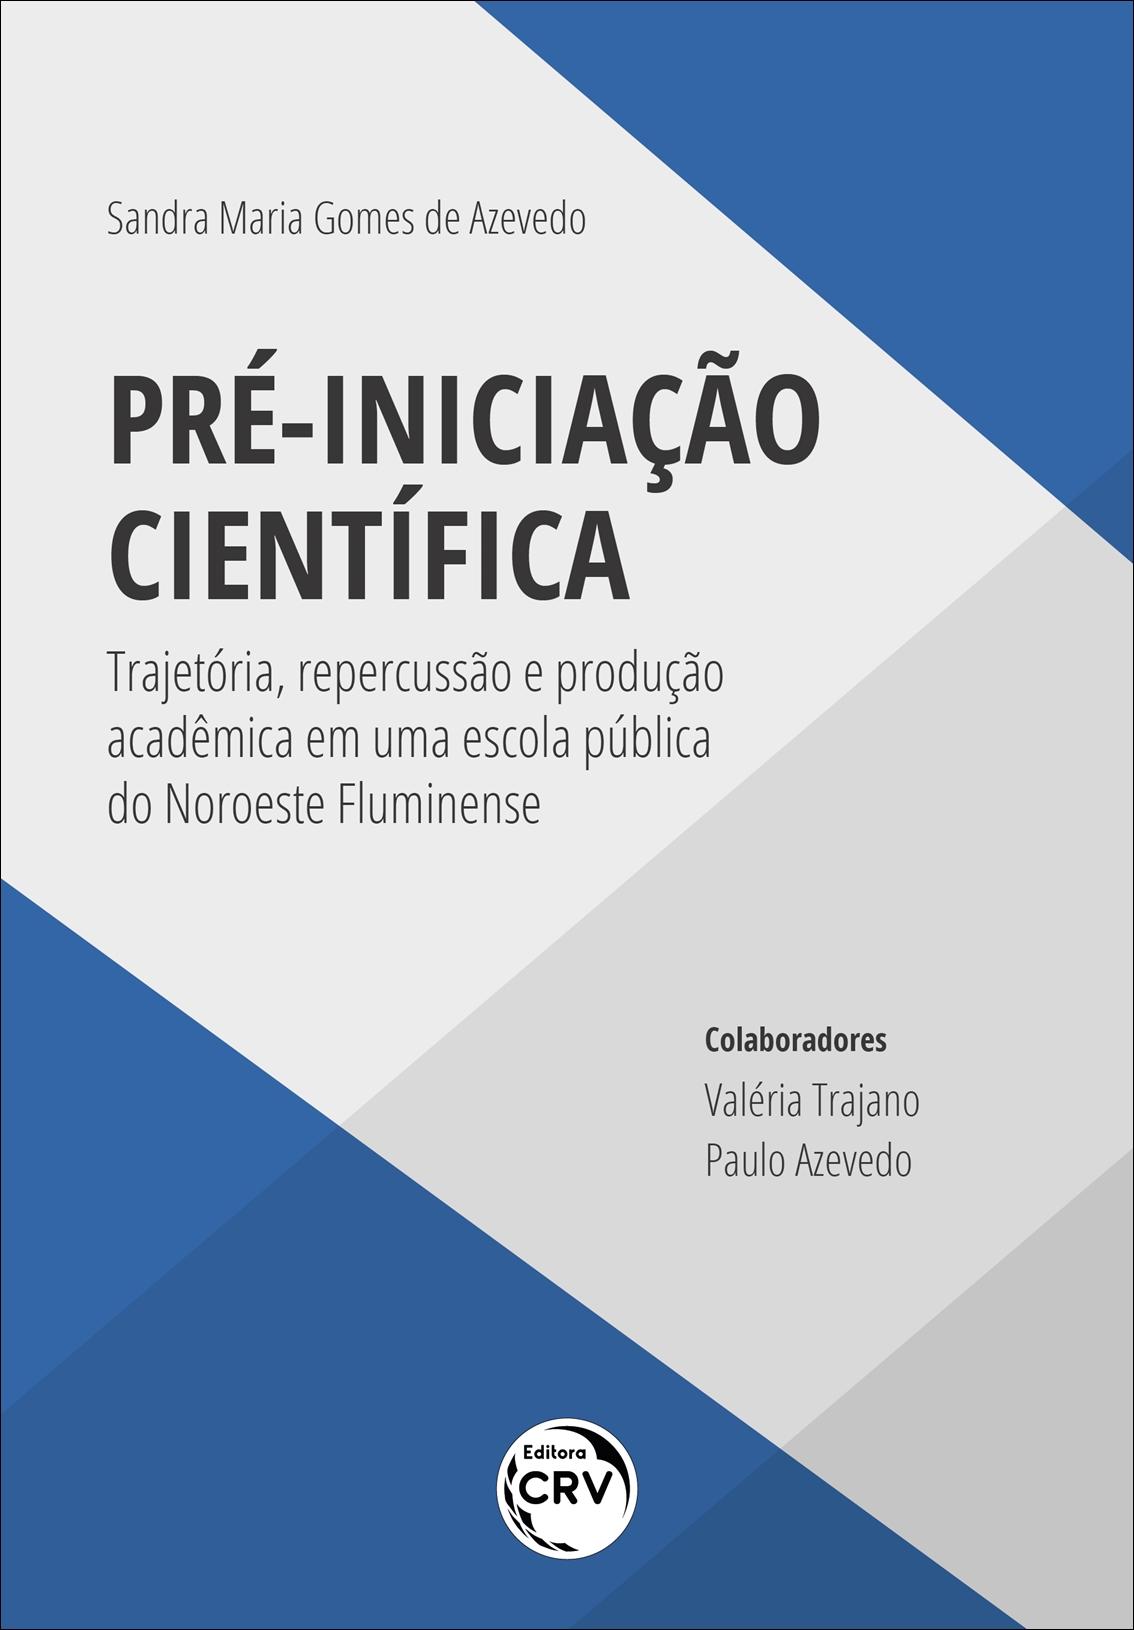 Capa do livro: PRÉ-INICIAÇÃO CIENTÍFICA: <br>trajetória, repercussão e produção acadêmica em uma escola pública do Noroeste Fluminense